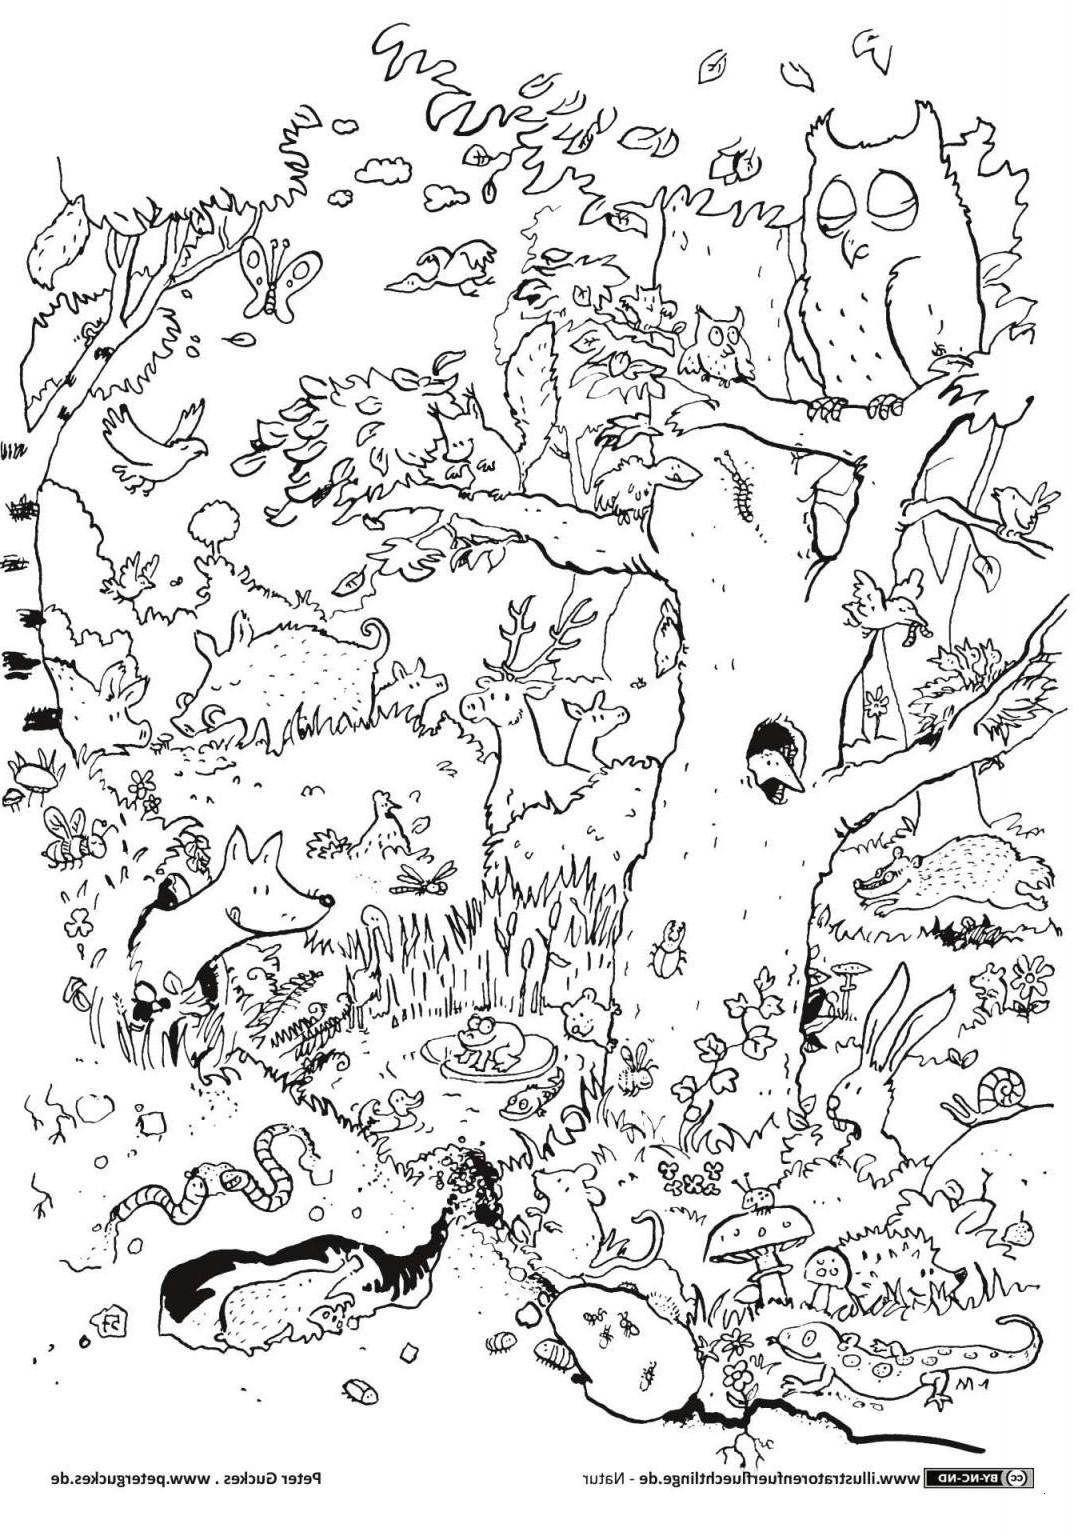 Dschungel Bilder Zum Ausdrucken Frisch 29 Inspirierend Dschungel Ausmalbilder – Malvorlagen Ideen Galerie